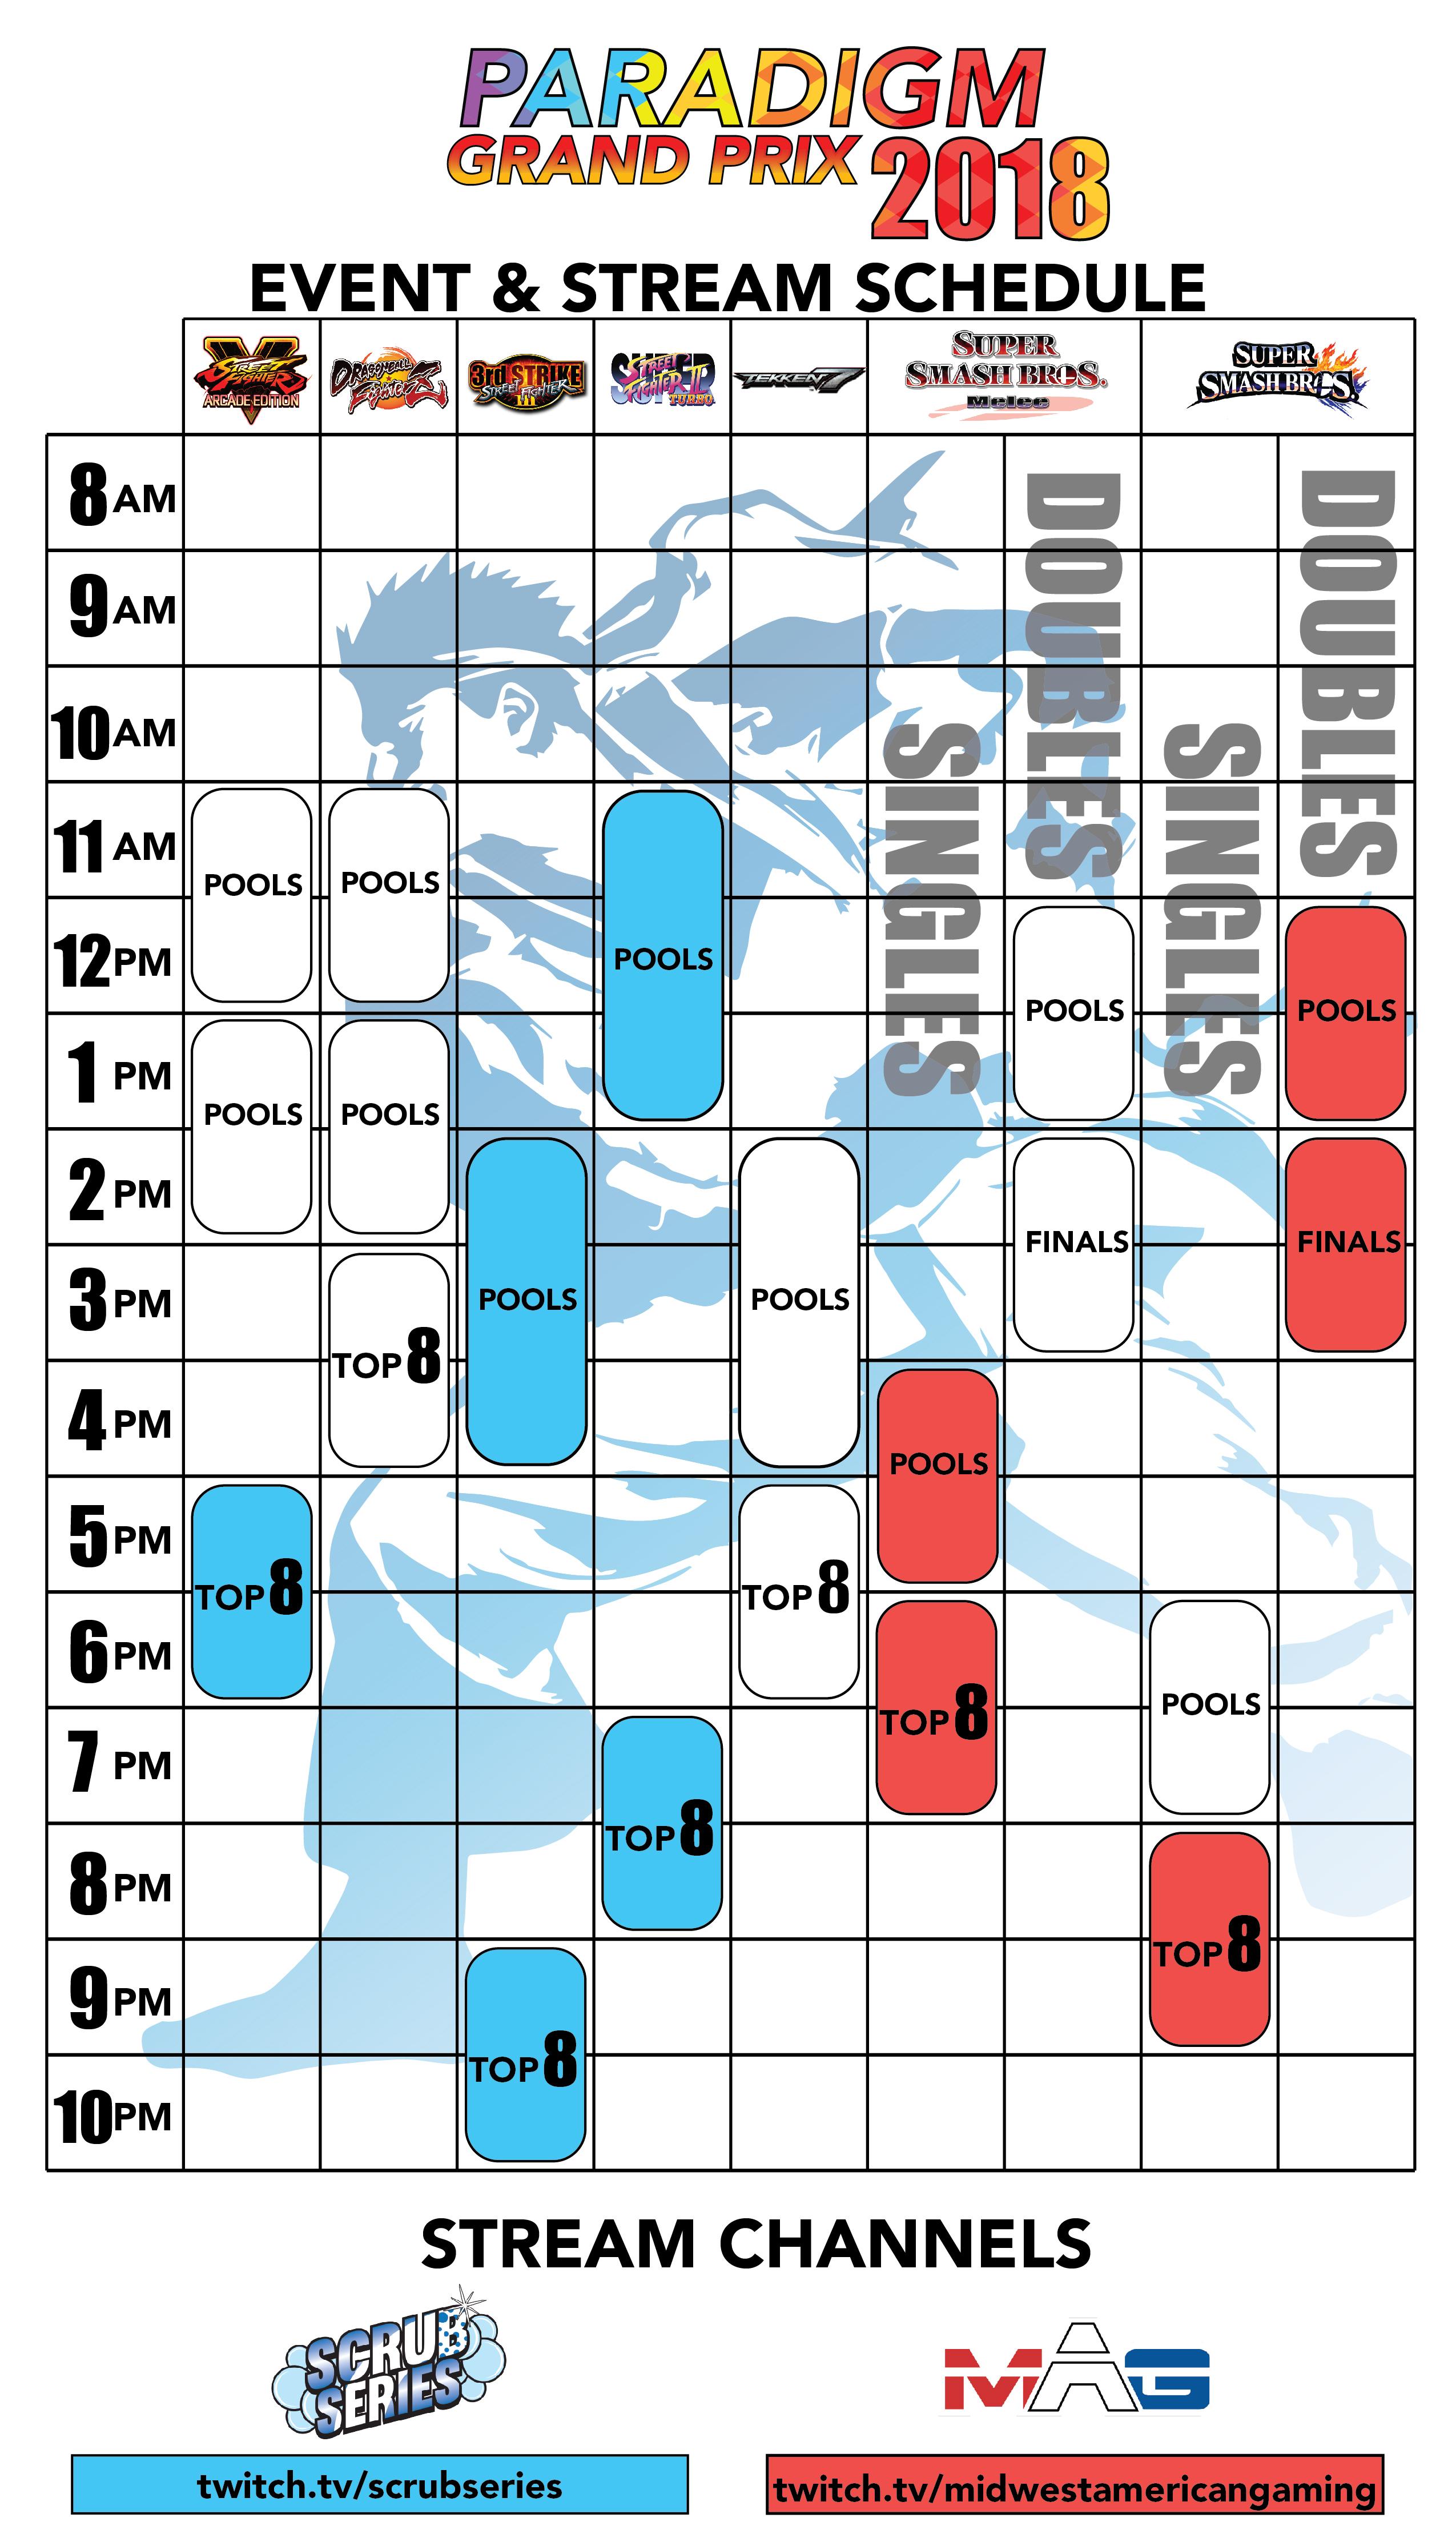 Event & Stream Schedule